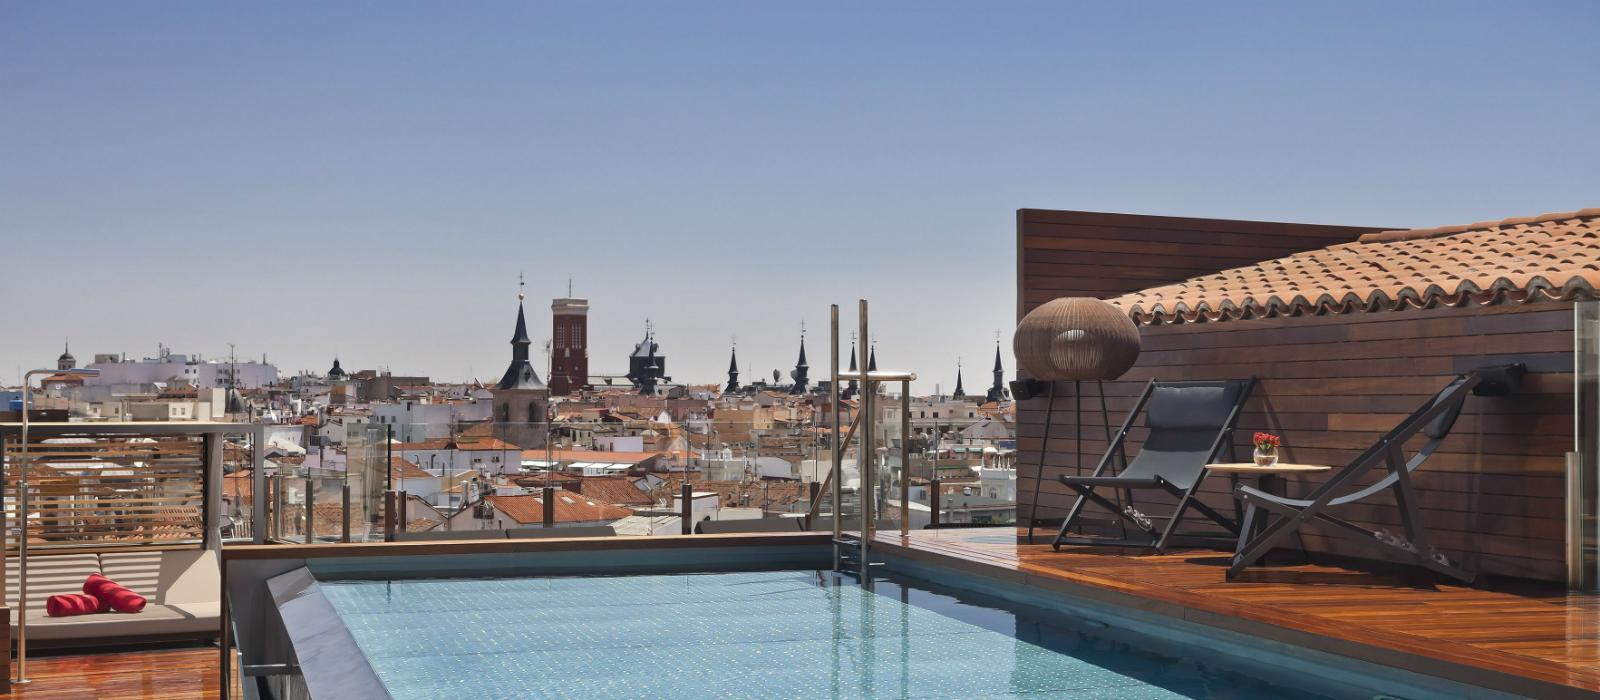 盛美利亞公爵皇宮酒店(Gran Melia Palacio de los Duques)【 馬德里,西班牙】 酒店  www.6545363.live